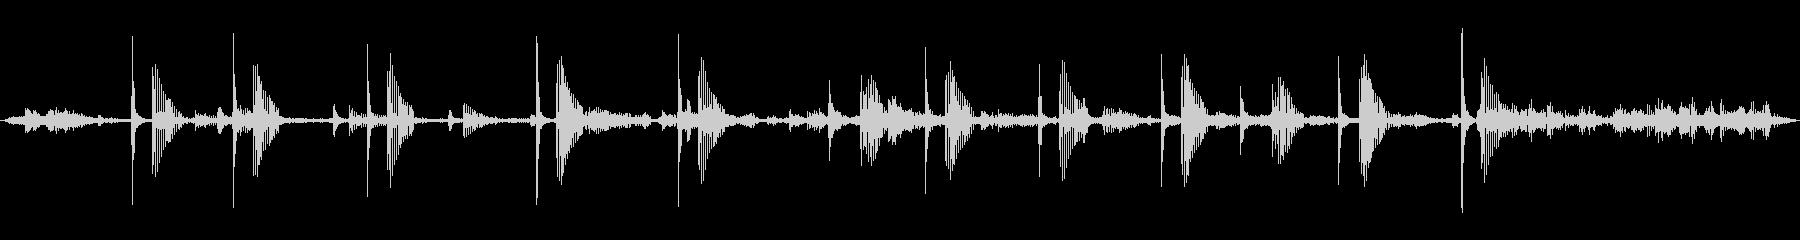 環境音 リバーベッドドーンバードコ...の未再生の波形